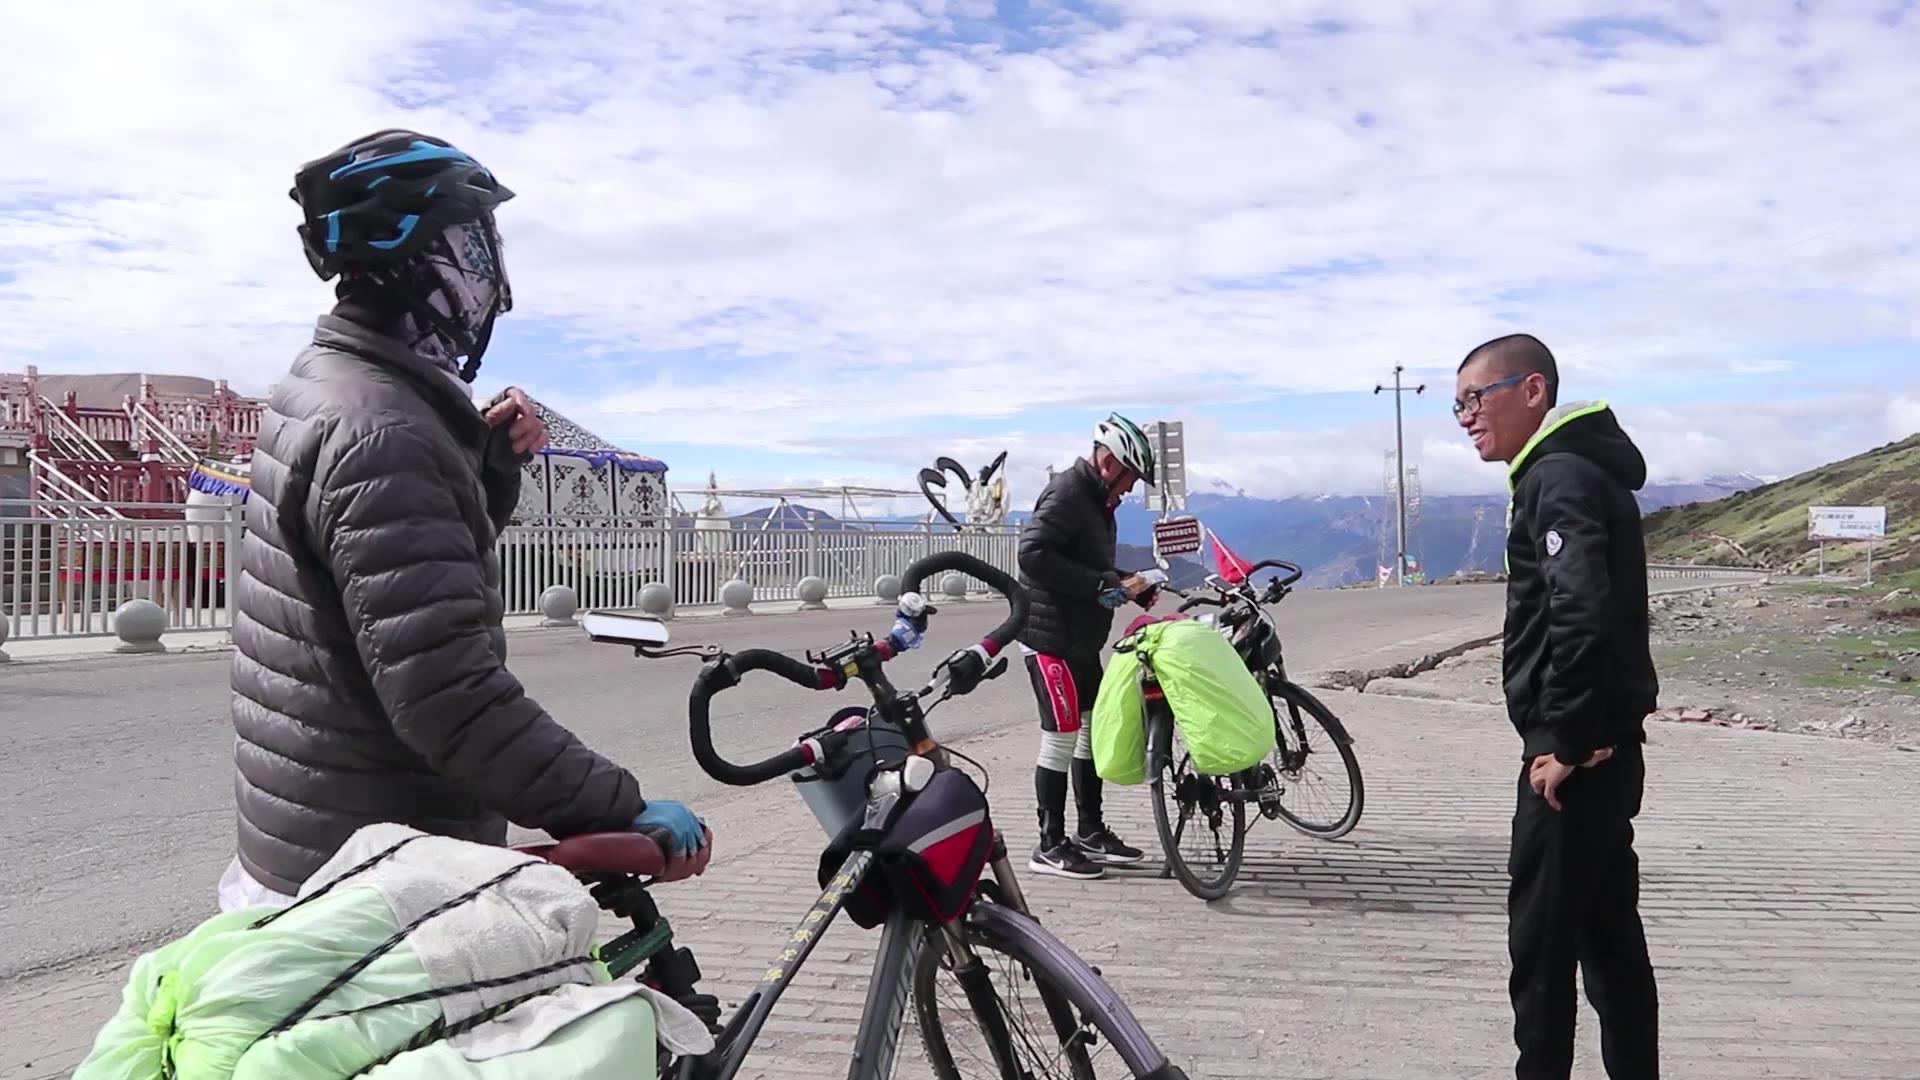 67岁大爷单车骑行川藏线,靠的竟不是身体素质,小伙逼问真相